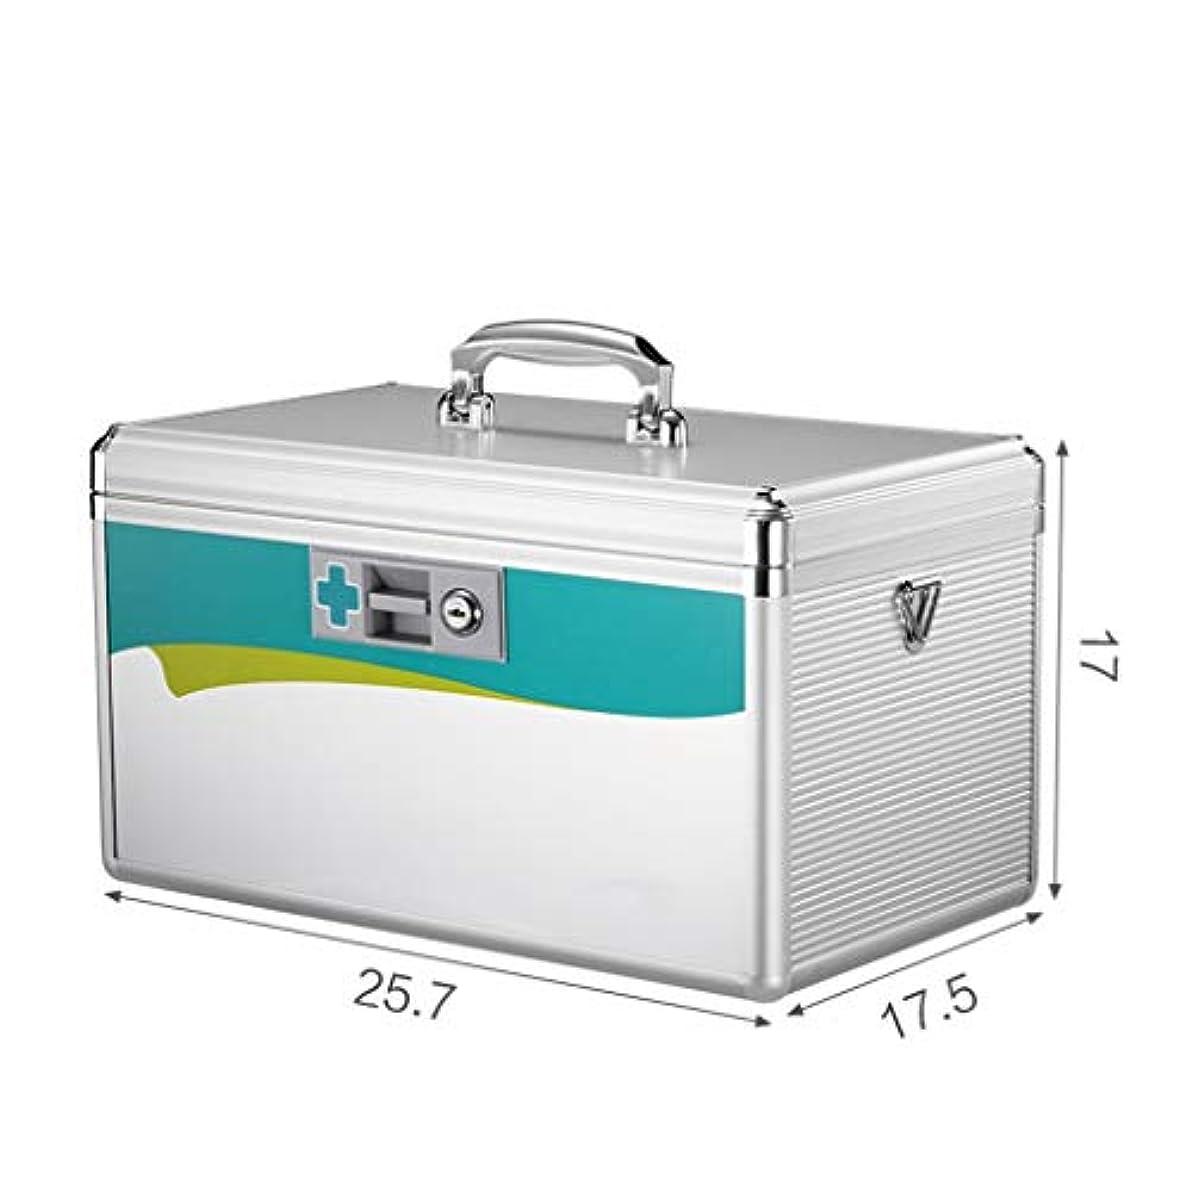 のために円形の落ち着いて家庭用薬箱アルミ合金多層外来箱医療キット救急箱収納一式 薬箱 (Color : Silver, Size : 25.7cm×17.5cm×17cm)